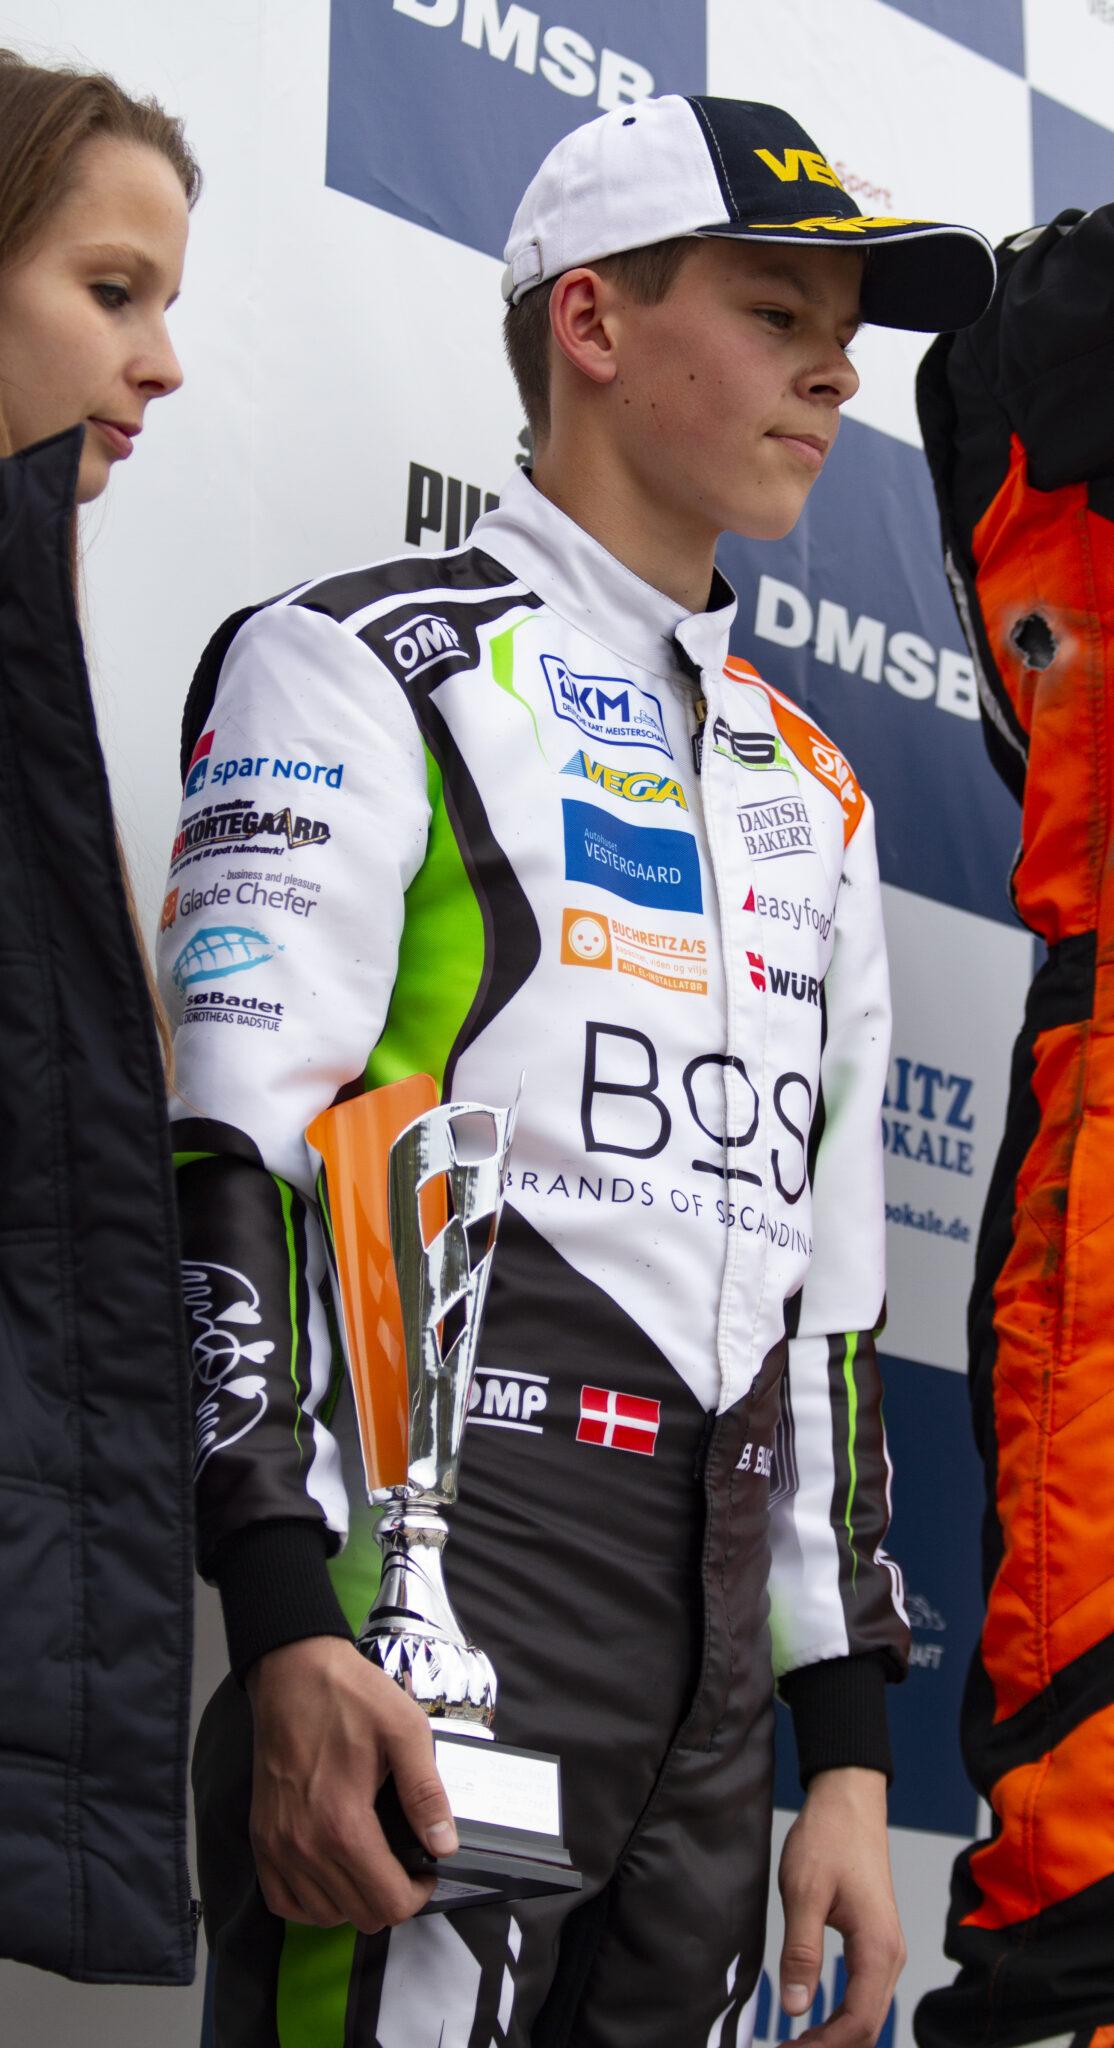 Bastian Buus